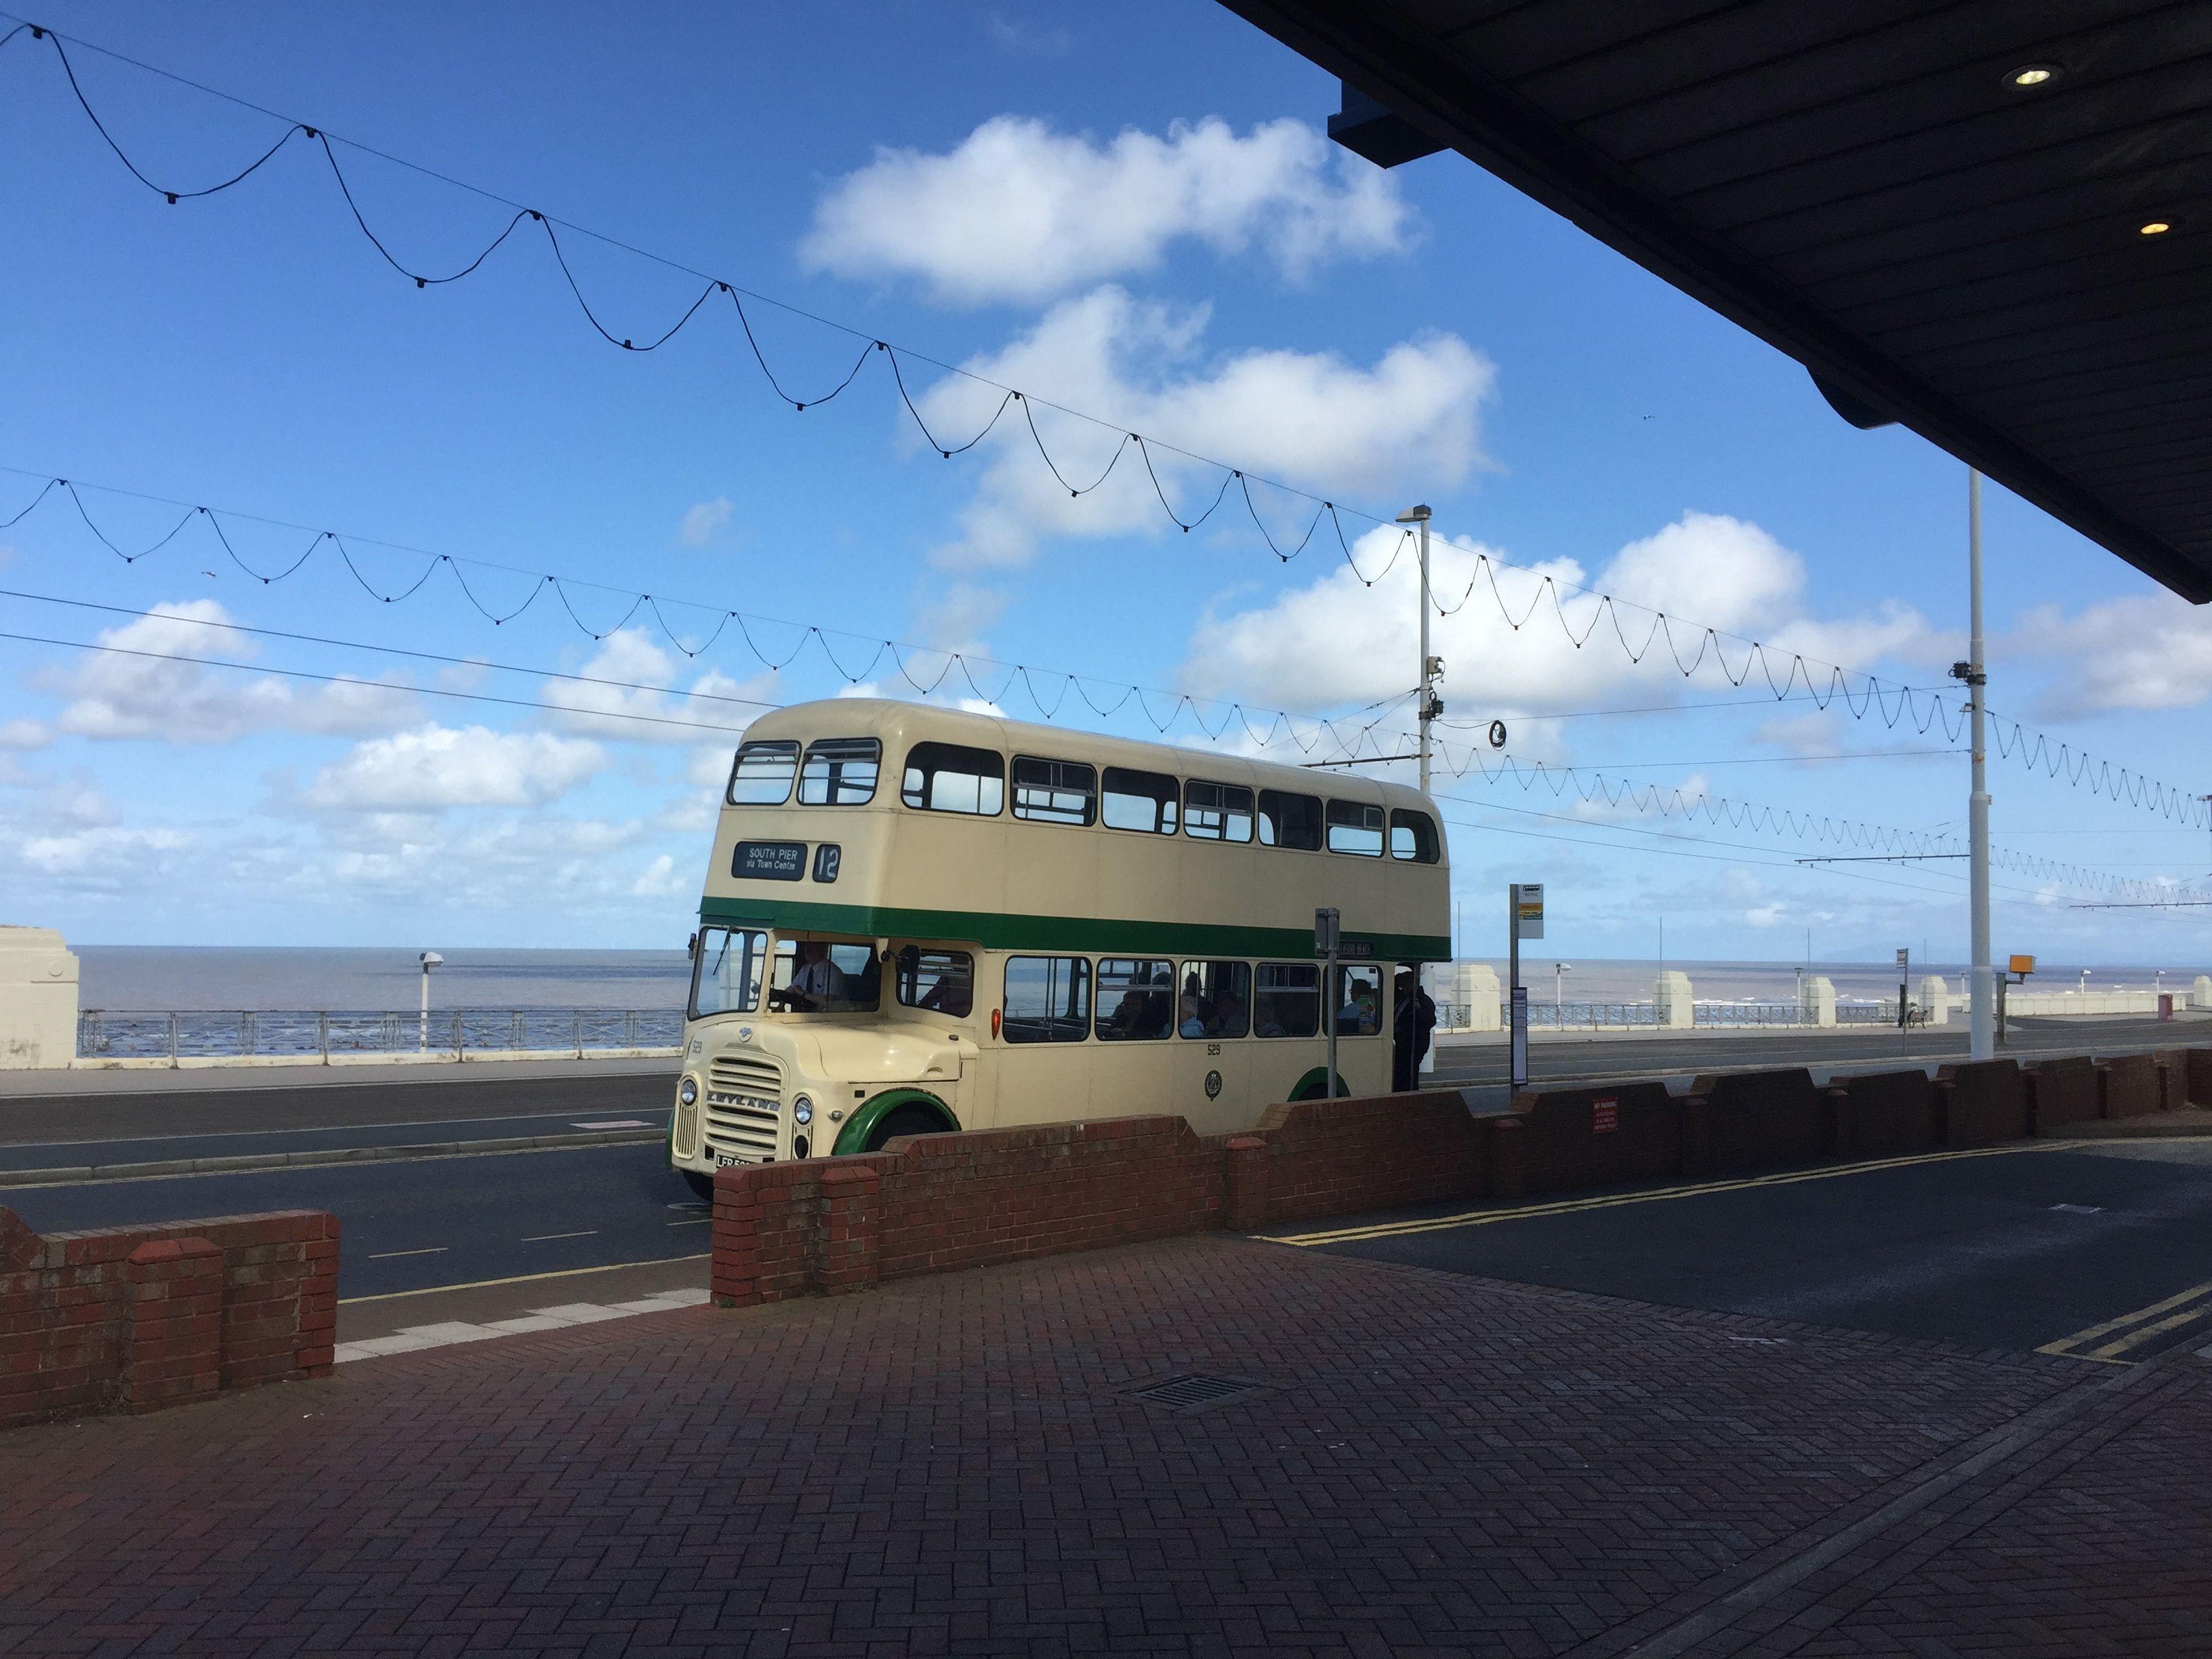 Vintage bus in Blackpool